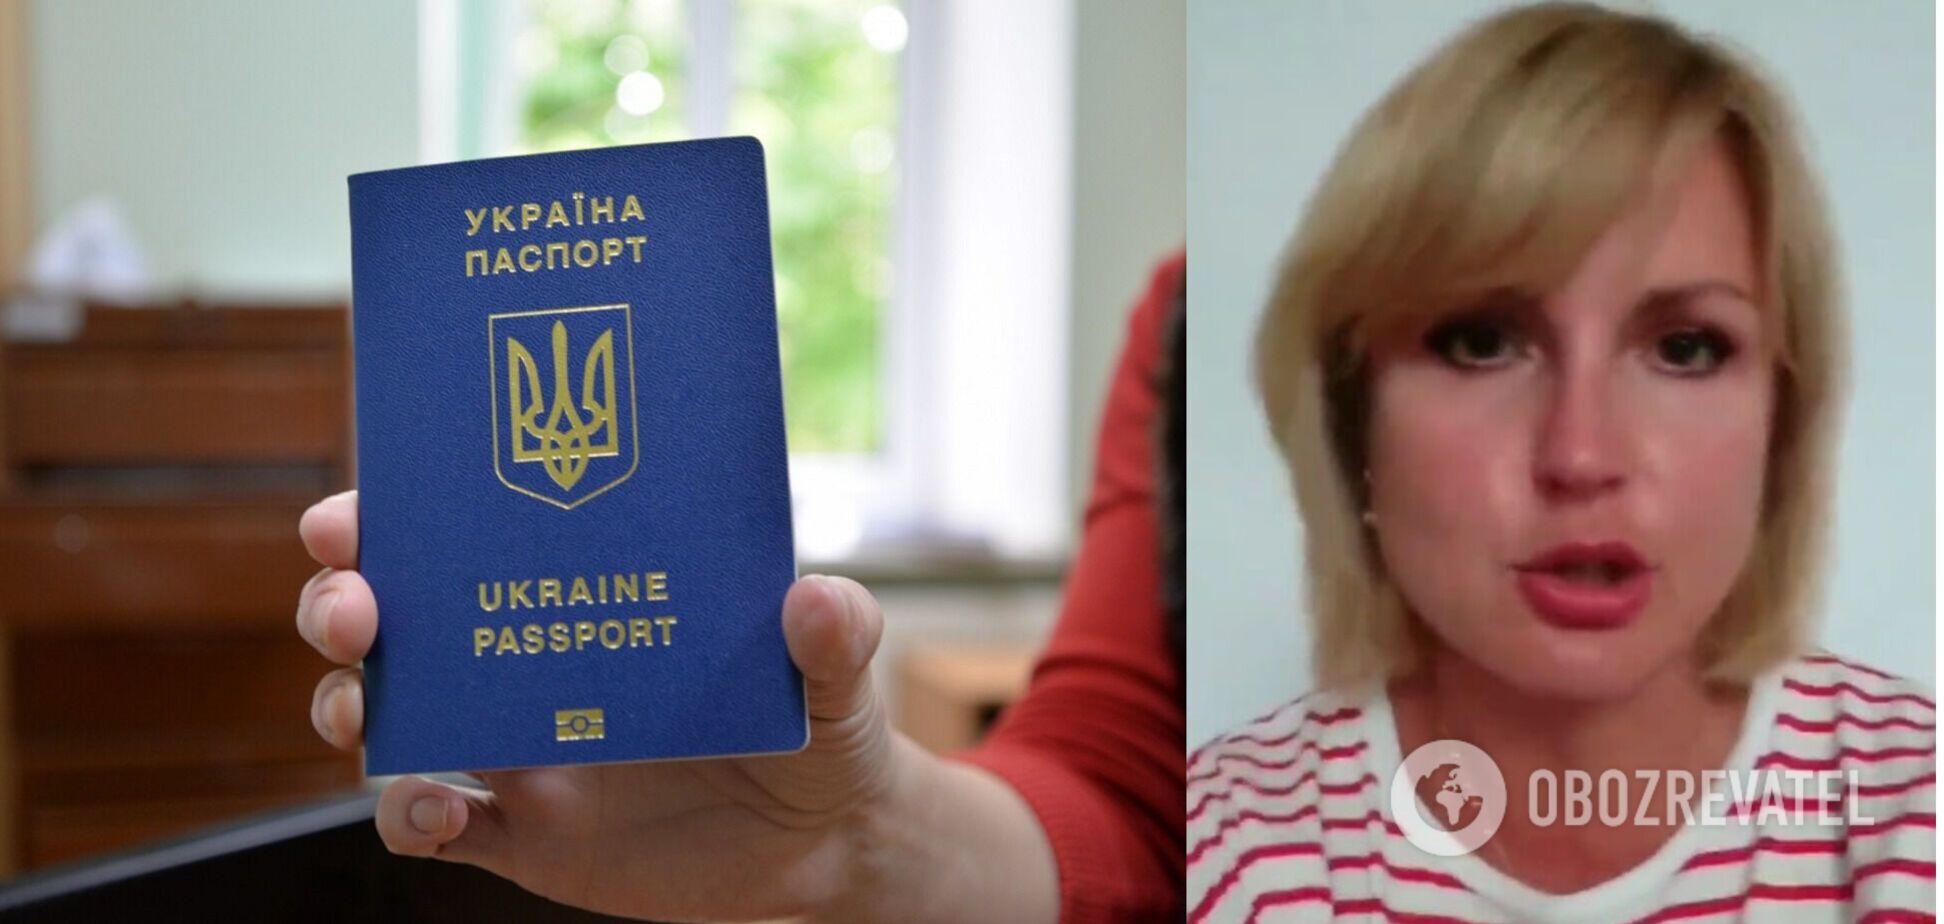 Жінка, яка викинула паспорти України, заявила про погрози